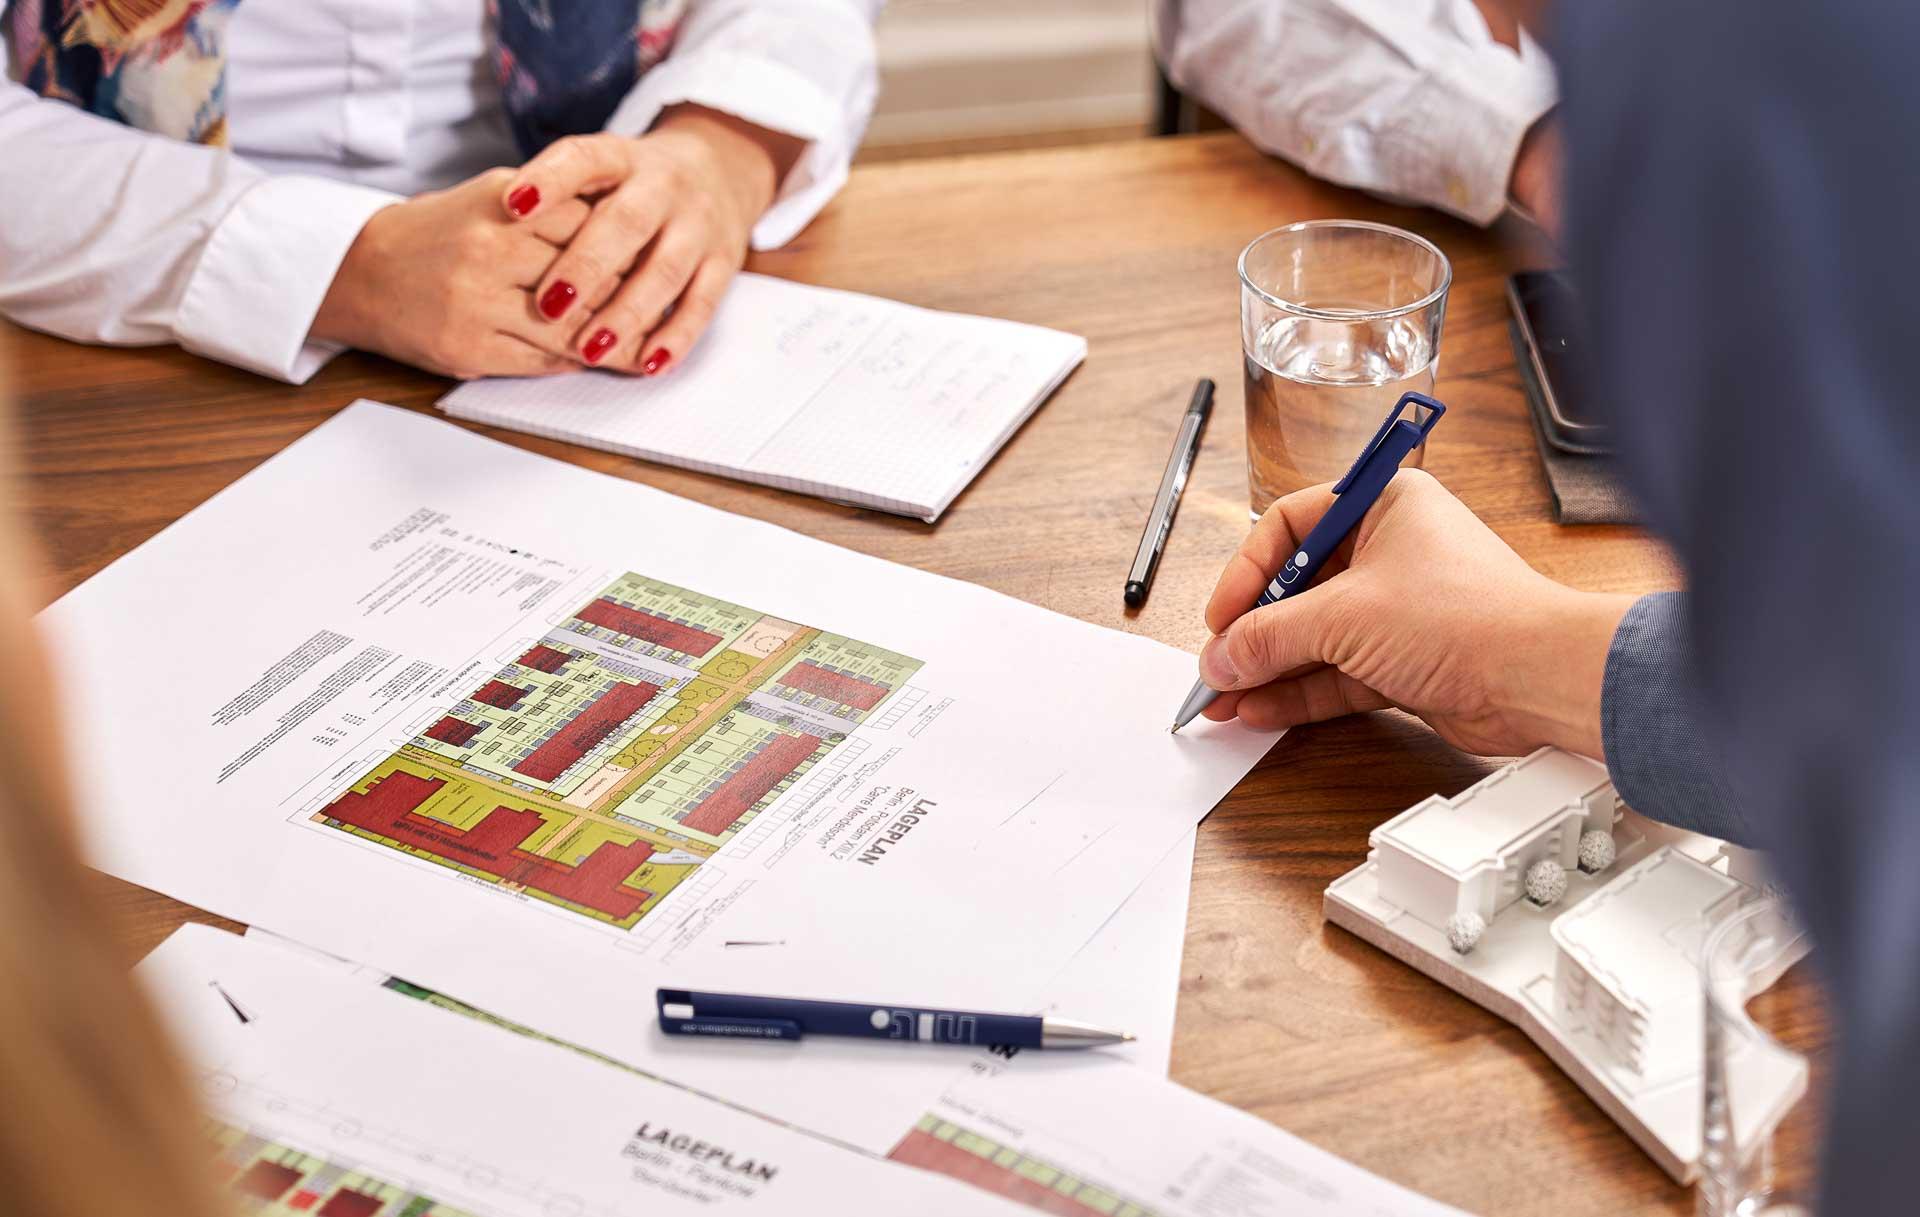 Corporateshooting für die neue Webseite und zur Gewinnung von neuen Mitarbeitern. Fotografiert in einer Villa in Berlin Zehlendorf.